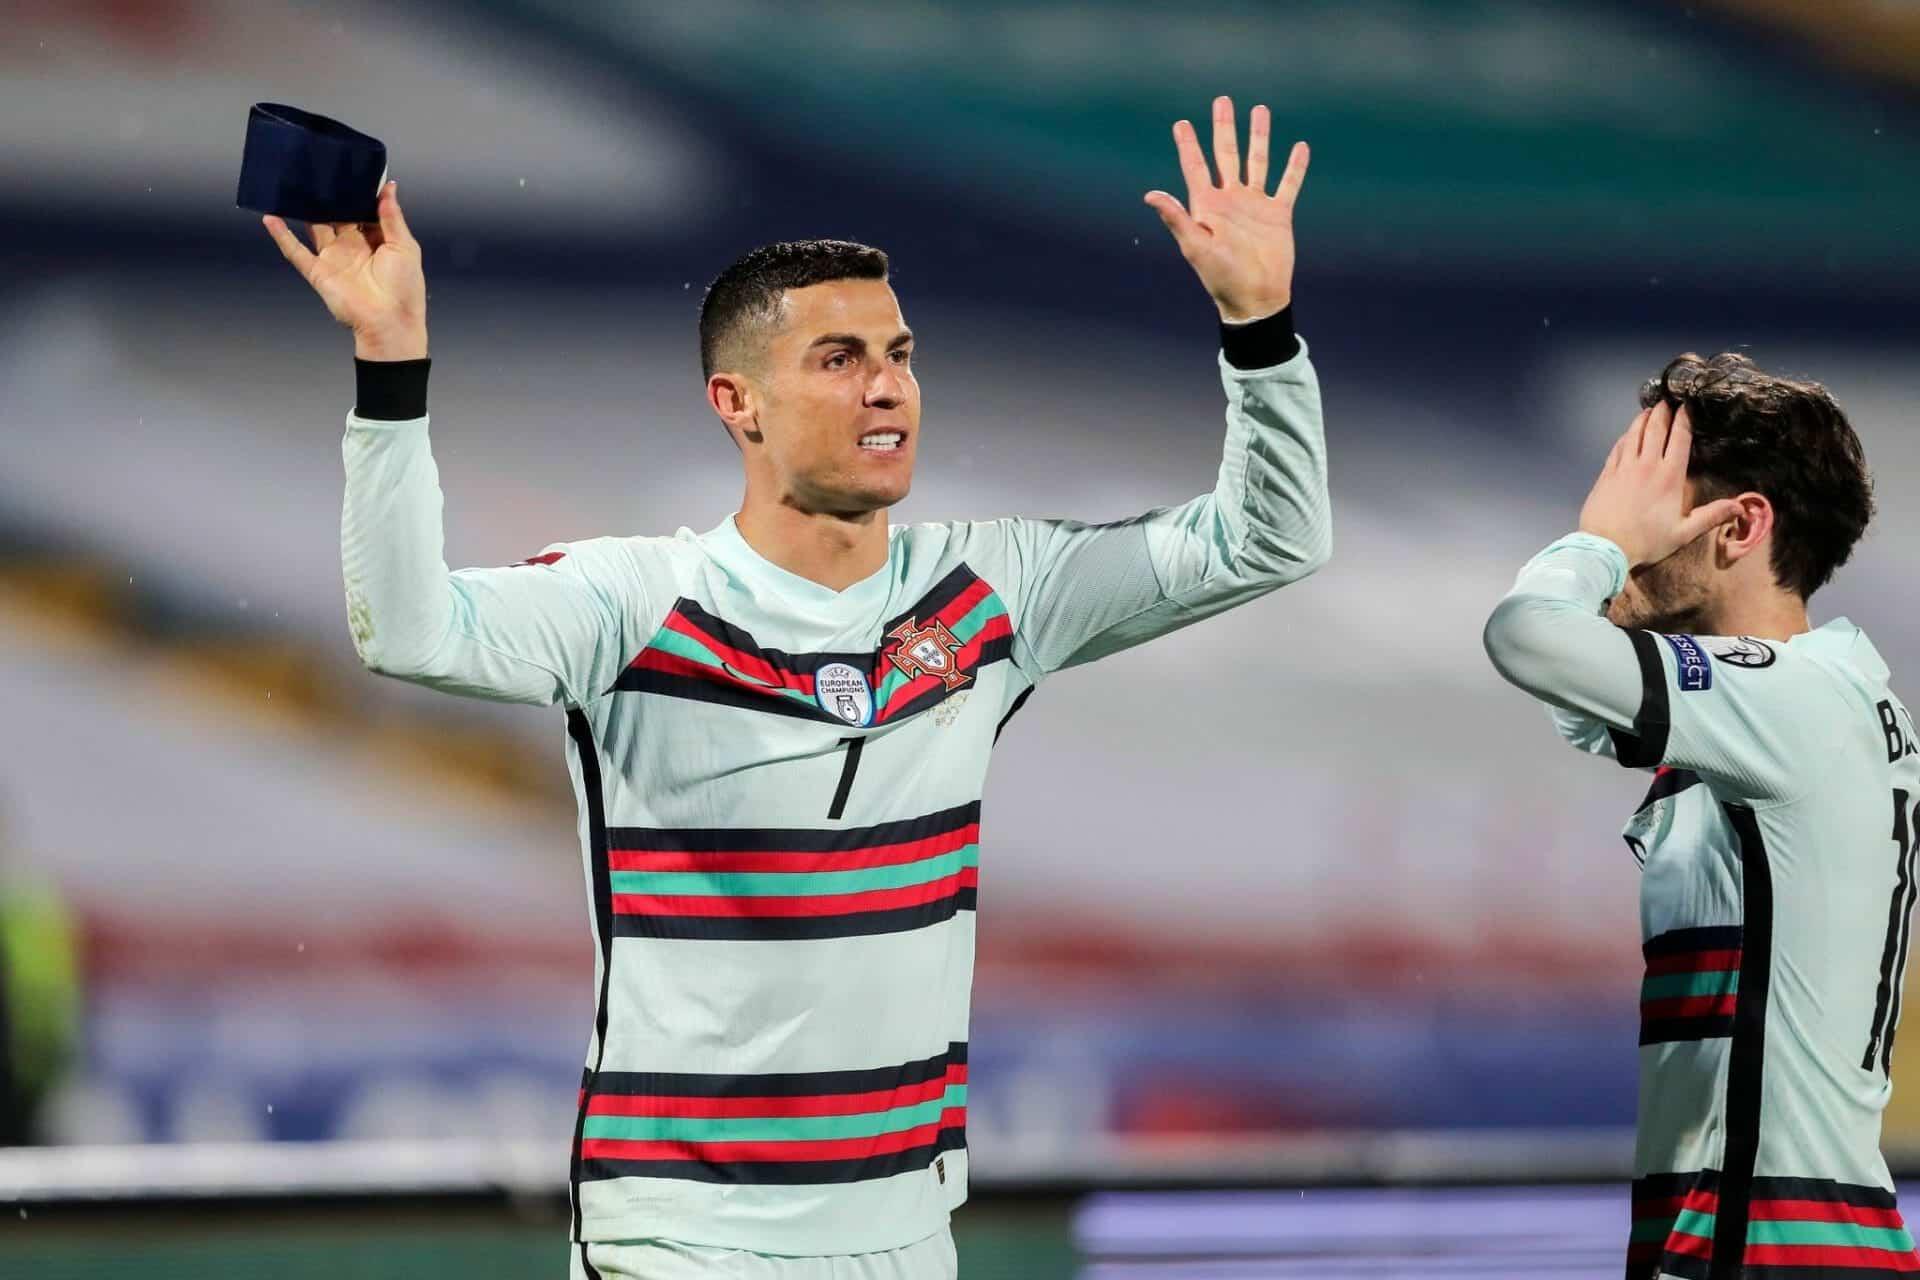 التعليق الأول لحكم مباراة البرتغال المثير للجدل بعد إلغاء هدف رونالدو